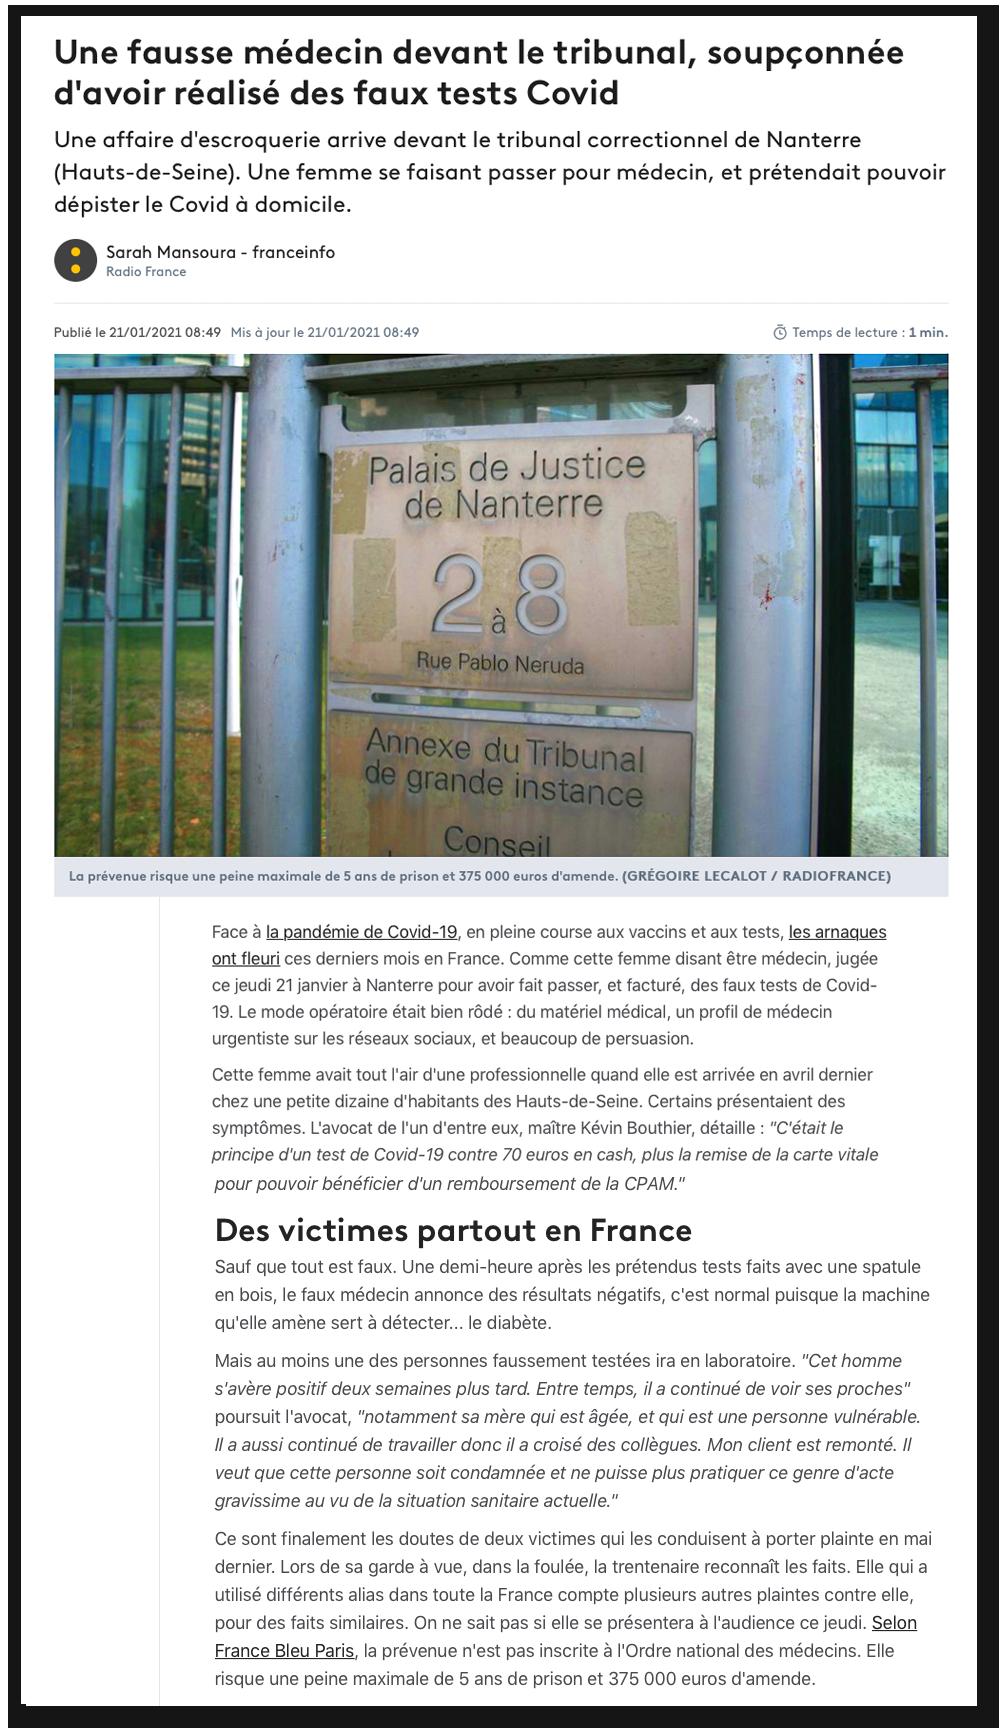 France Info : Une fausse médecin devant le tribunal, soupçonnée d'avoir réalisé des faux tests Covid